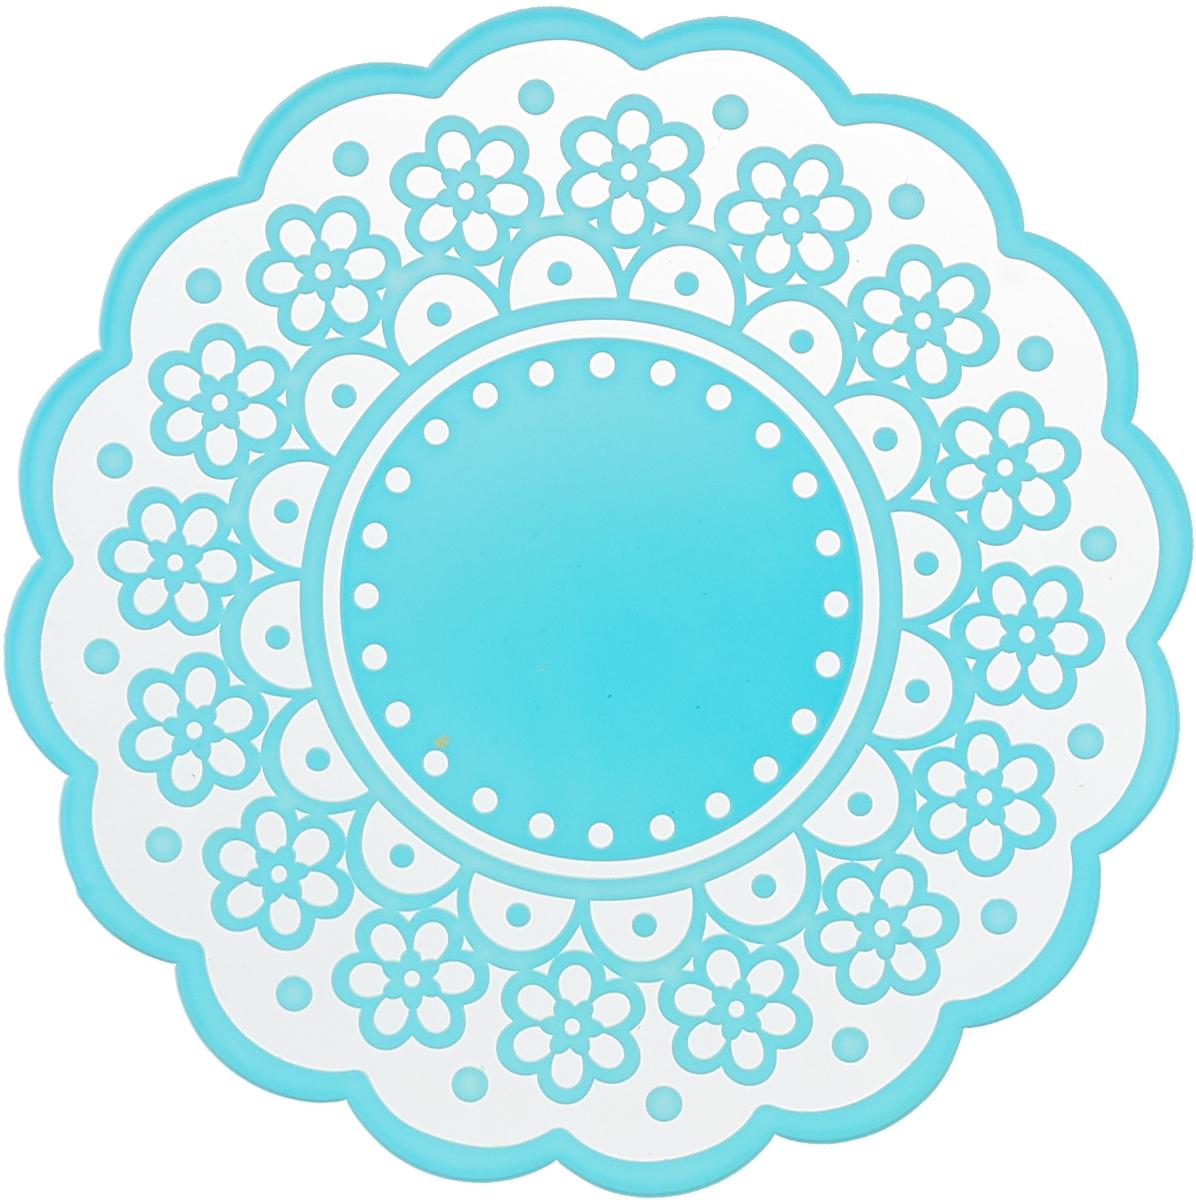 Подставка под горячее Доляна Цветение, цвет: голубой, 17 см набор подставок под горячее доляна позитив цвет зеленый 2 шт